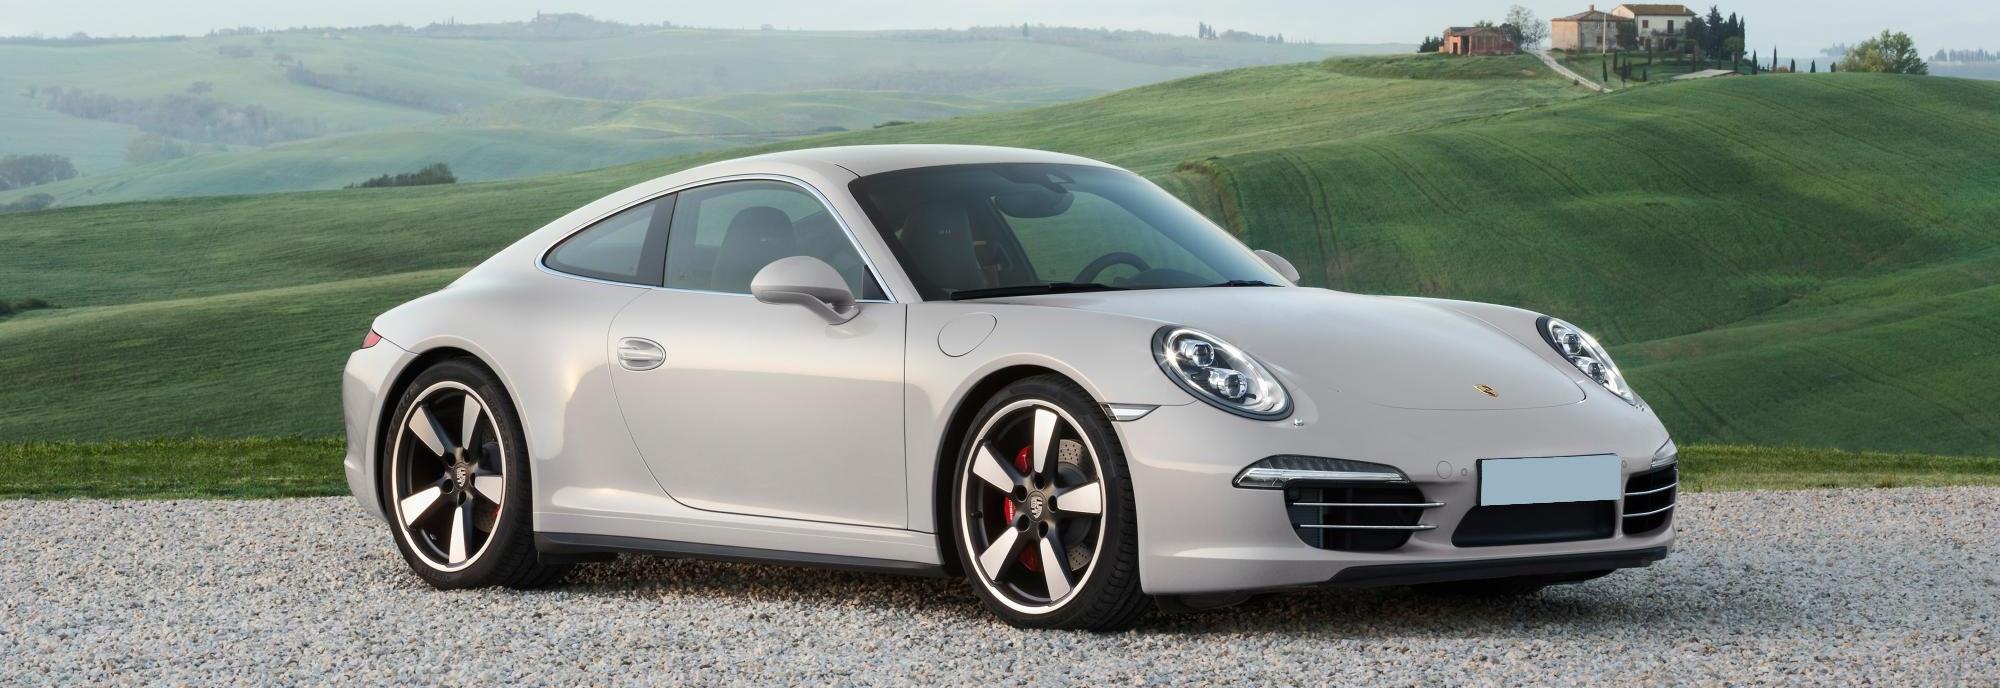 Charmant Porsche 911